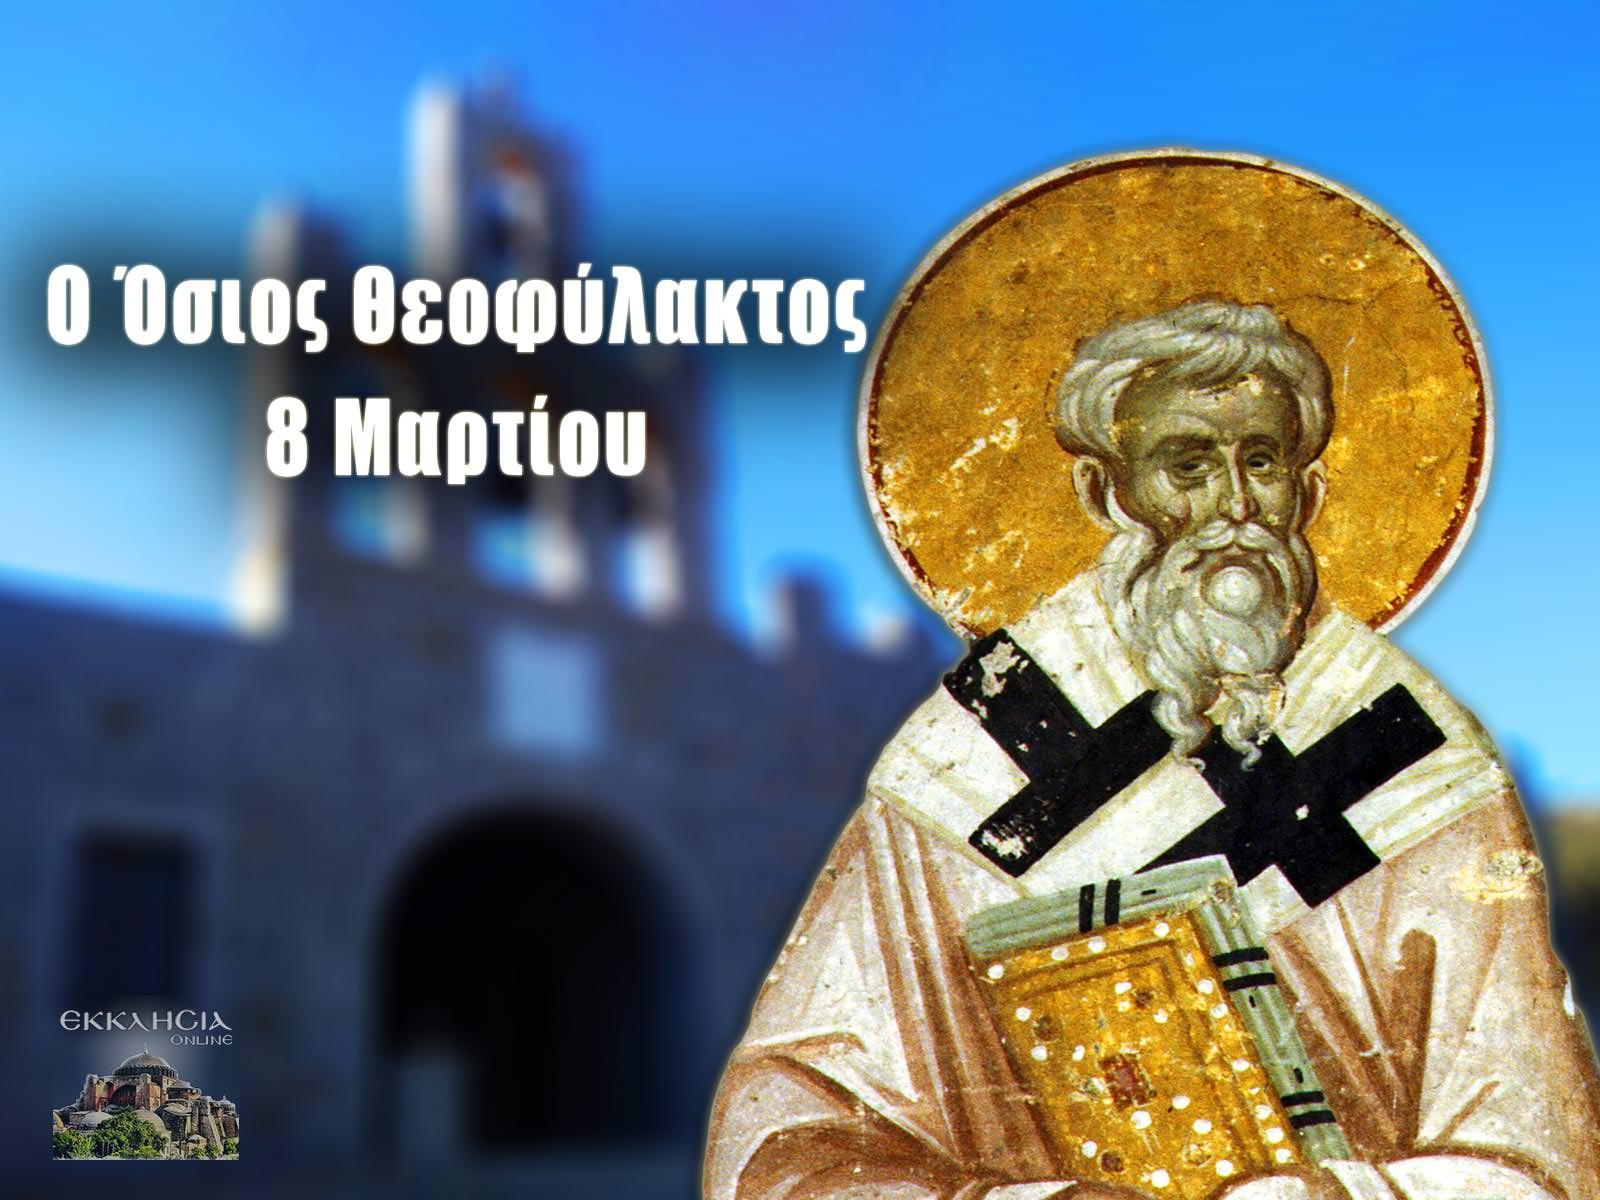 Όσιος Θεοφύλακτος 8 Μαρτίου